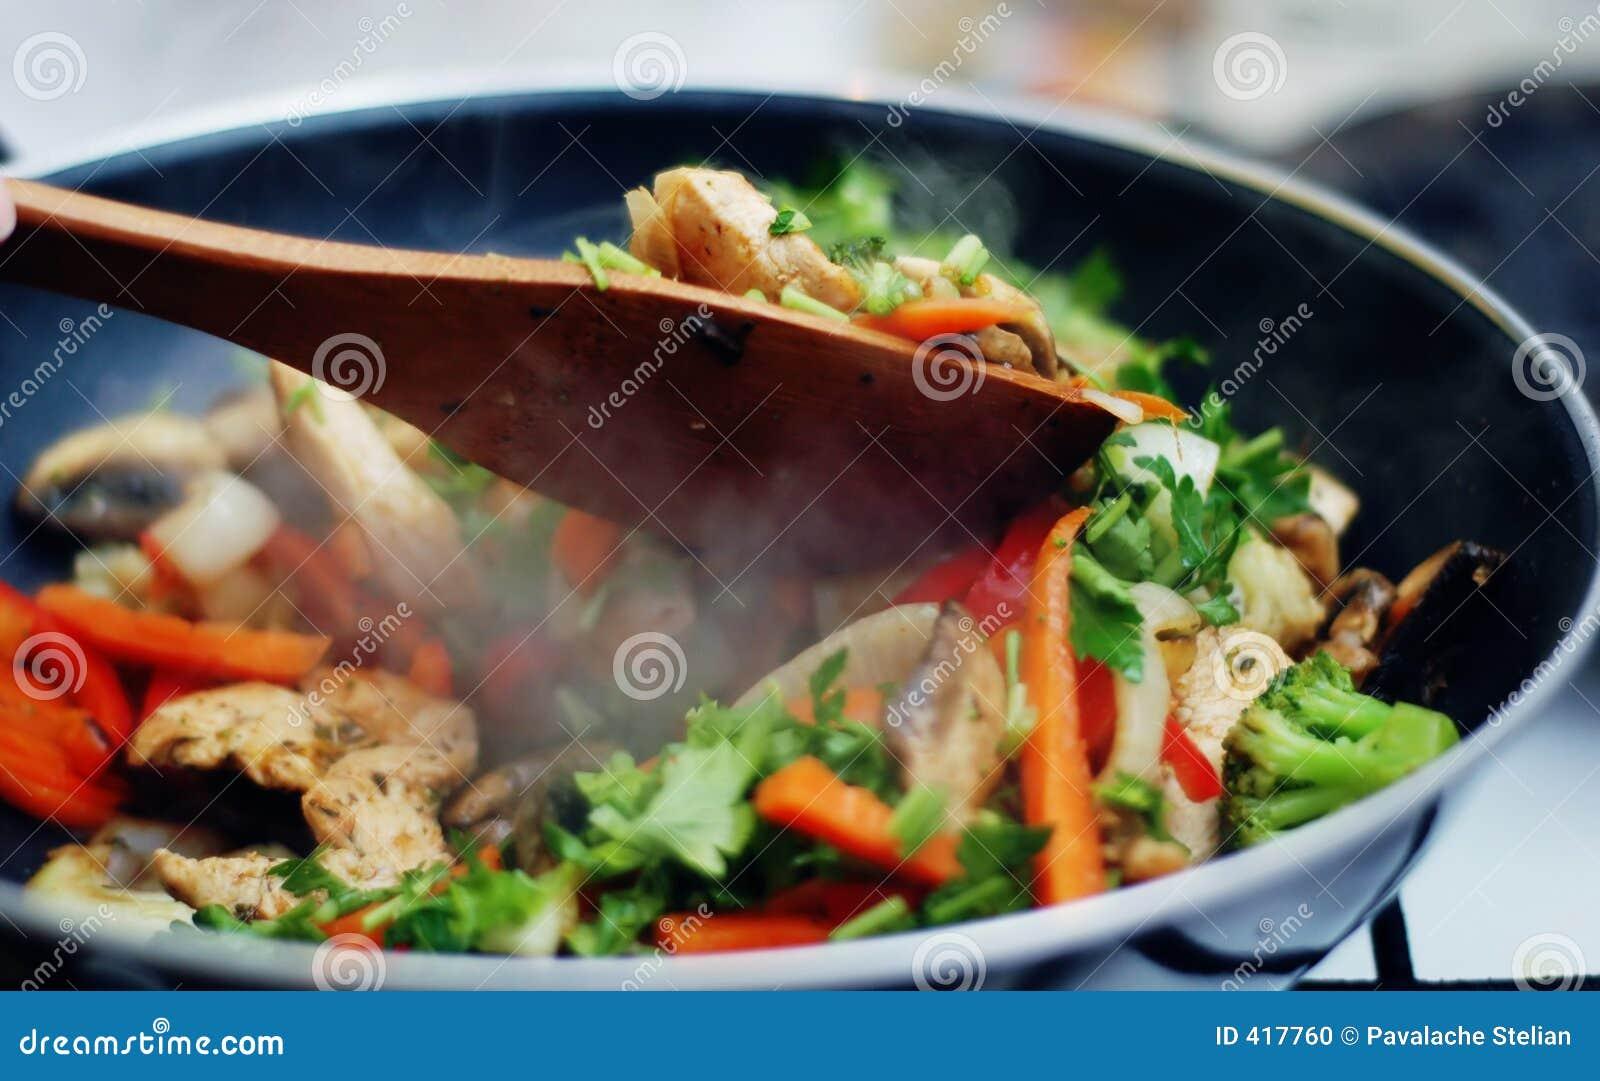 Thai food - Stir fry